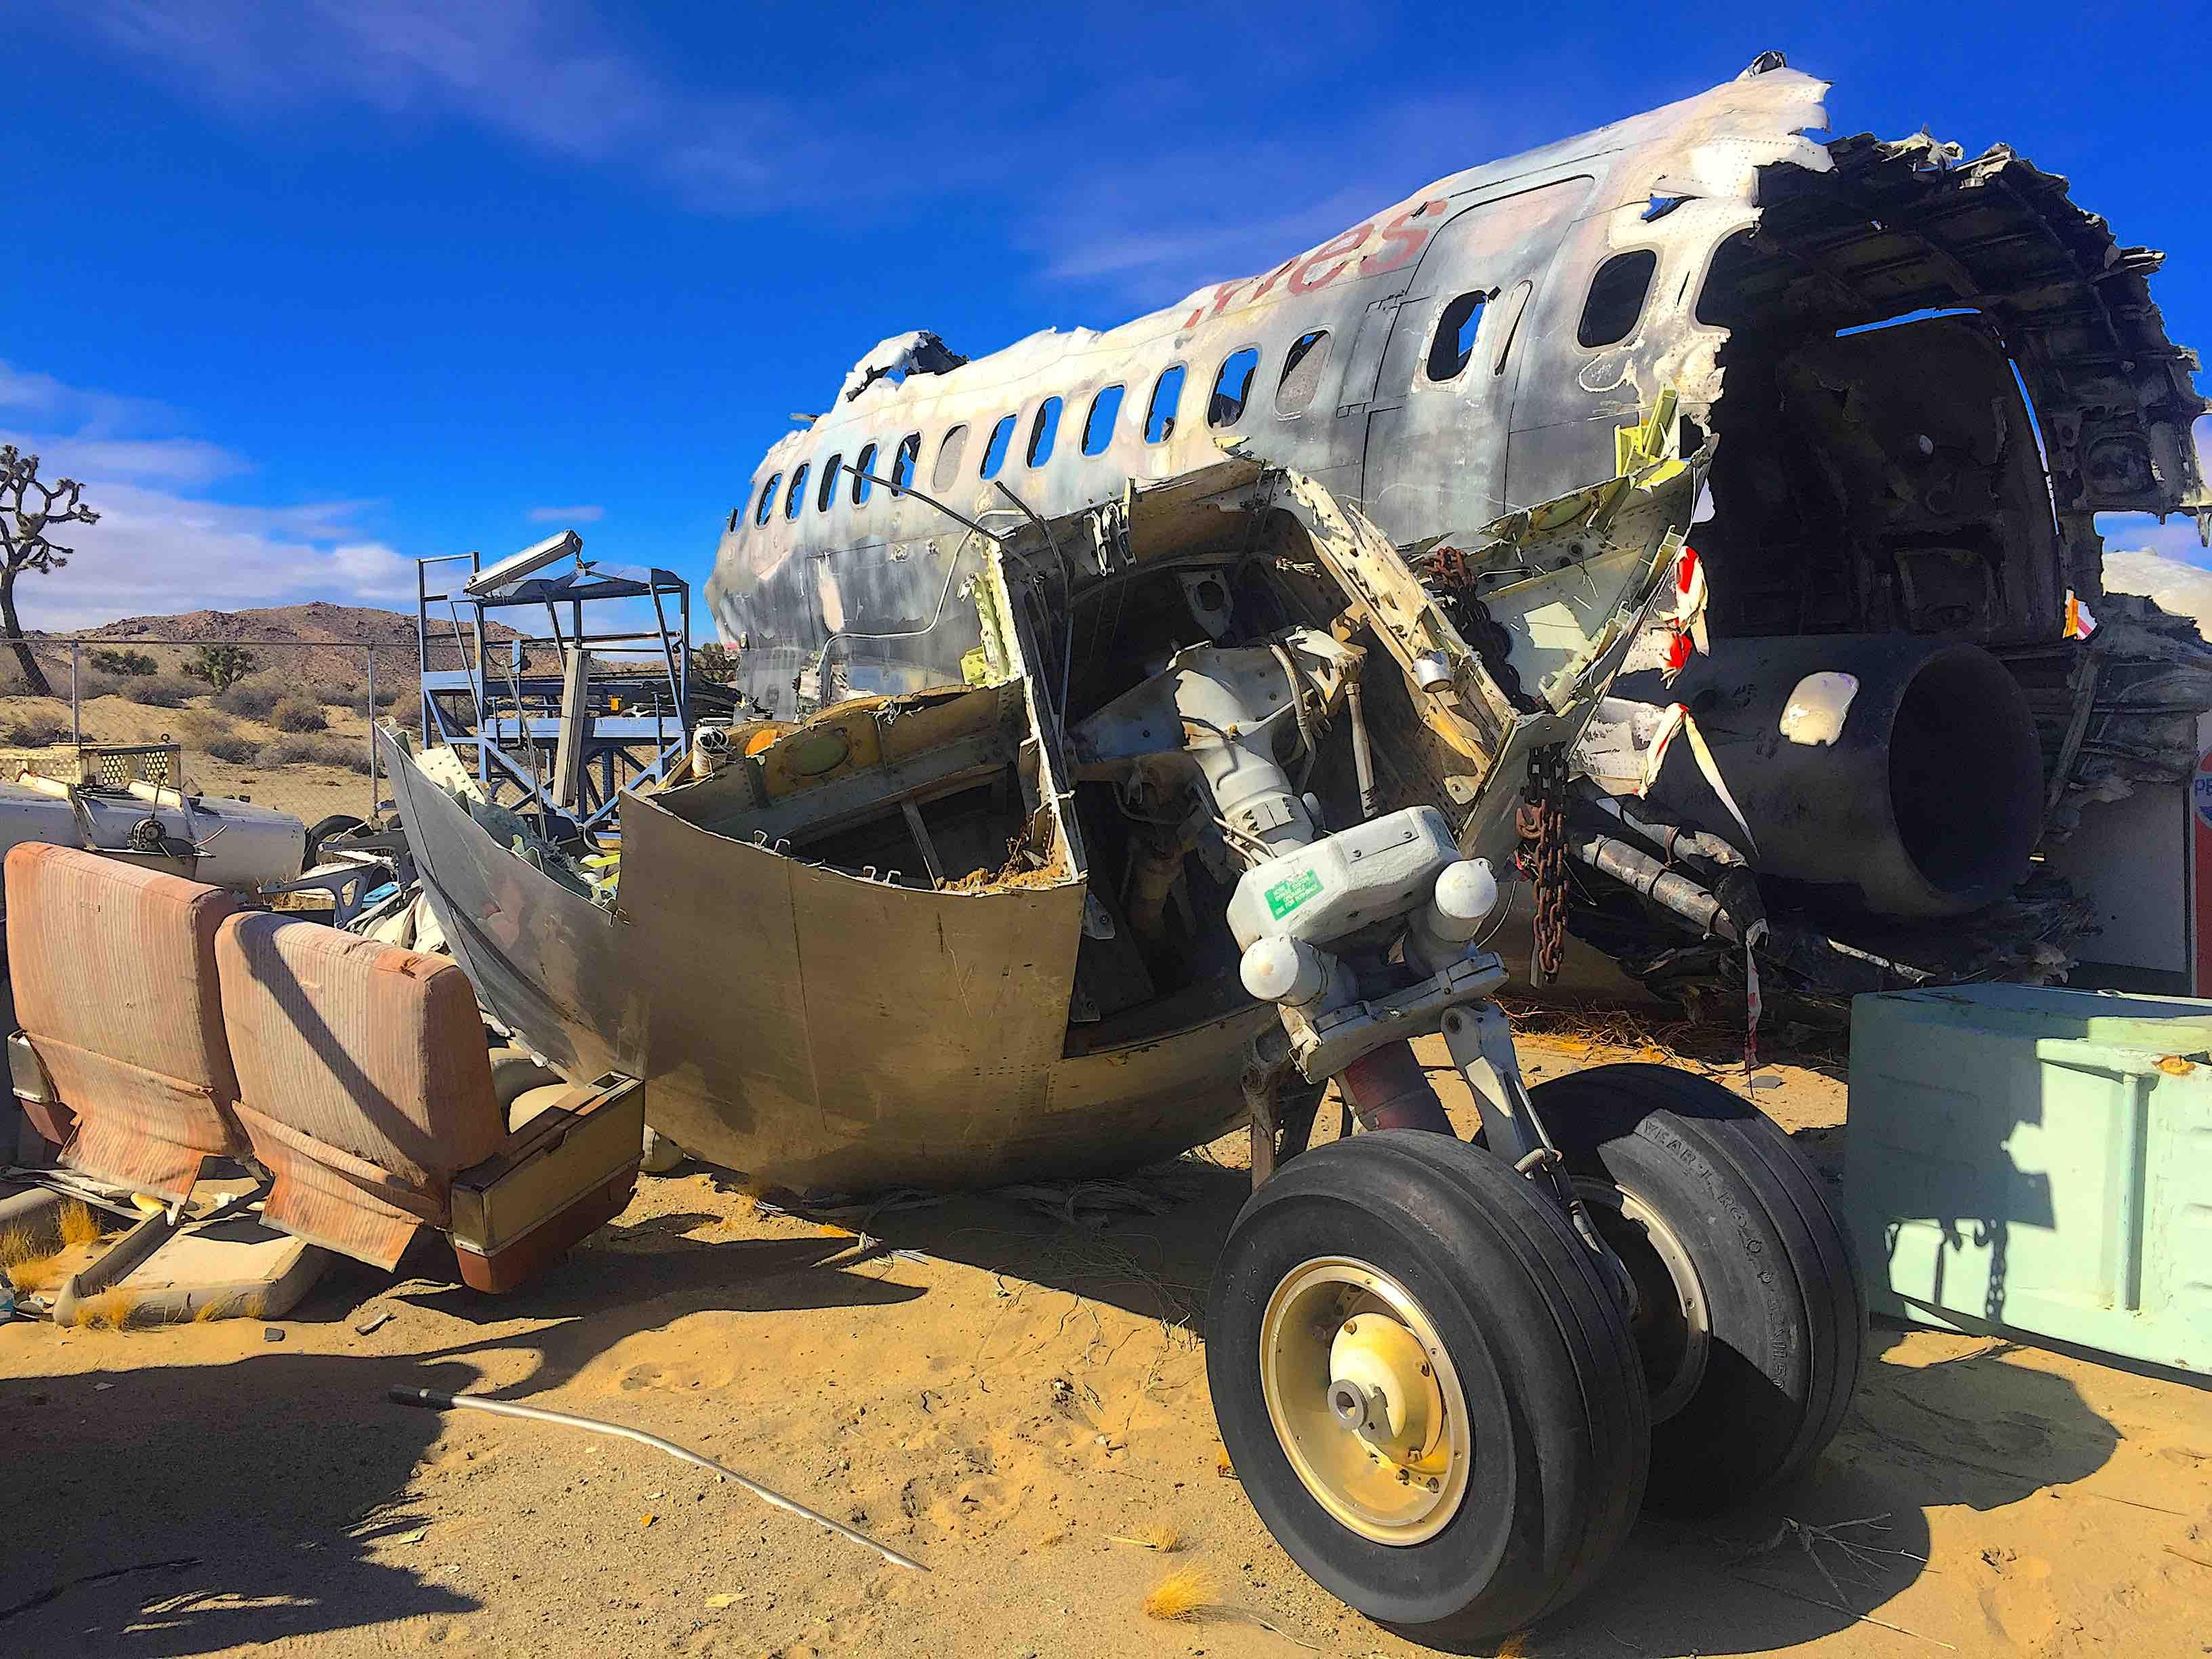 Plane Leftovers